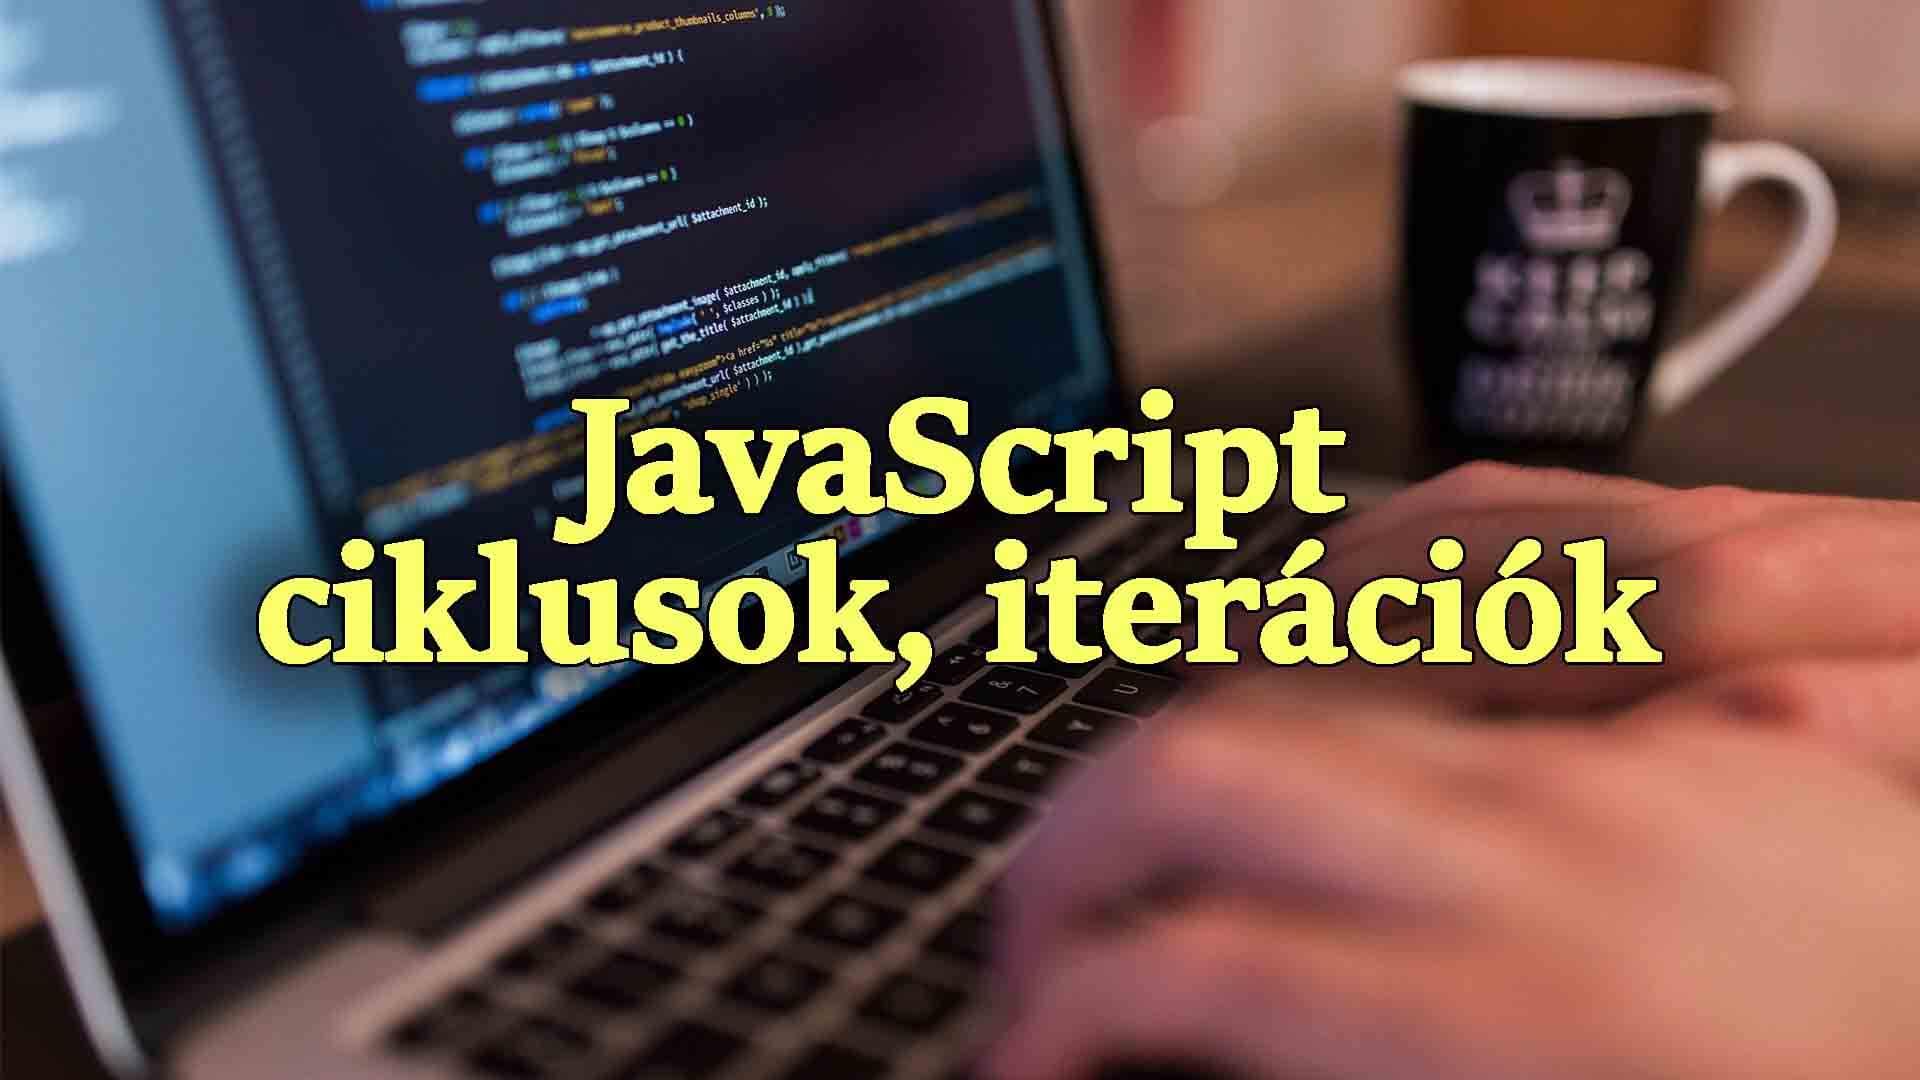 JavaScript ciklusok, azaz JS iterációk (for, while, do-while) című cikk borítóképe